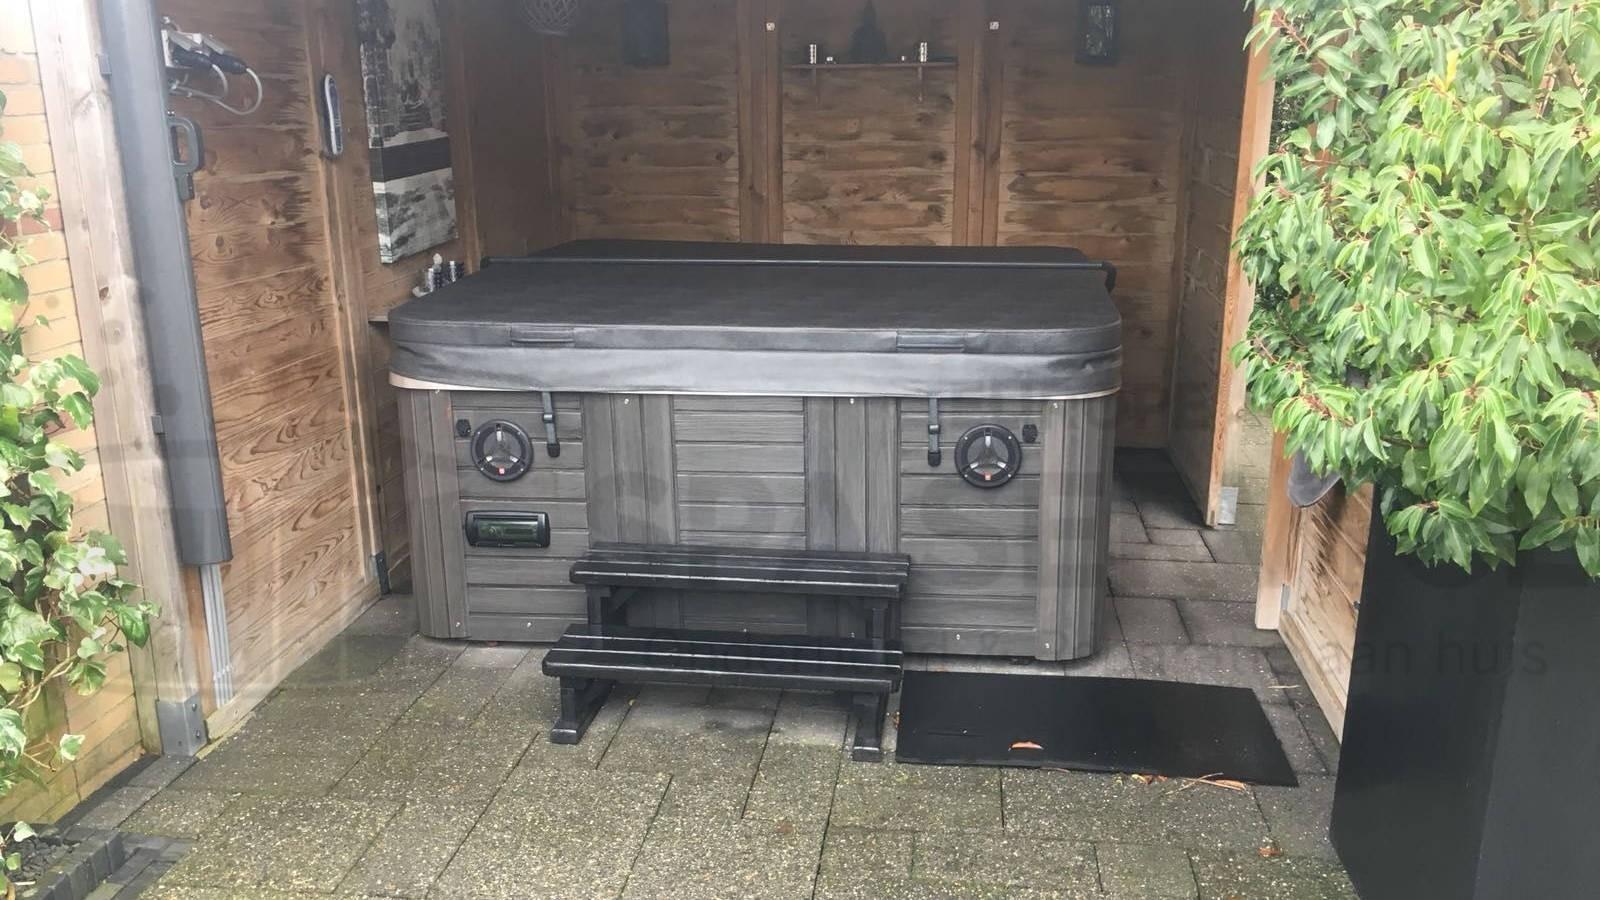 Ozonator vervangen en algehele controle van een Platinum Carolina spa in Oud Gastel